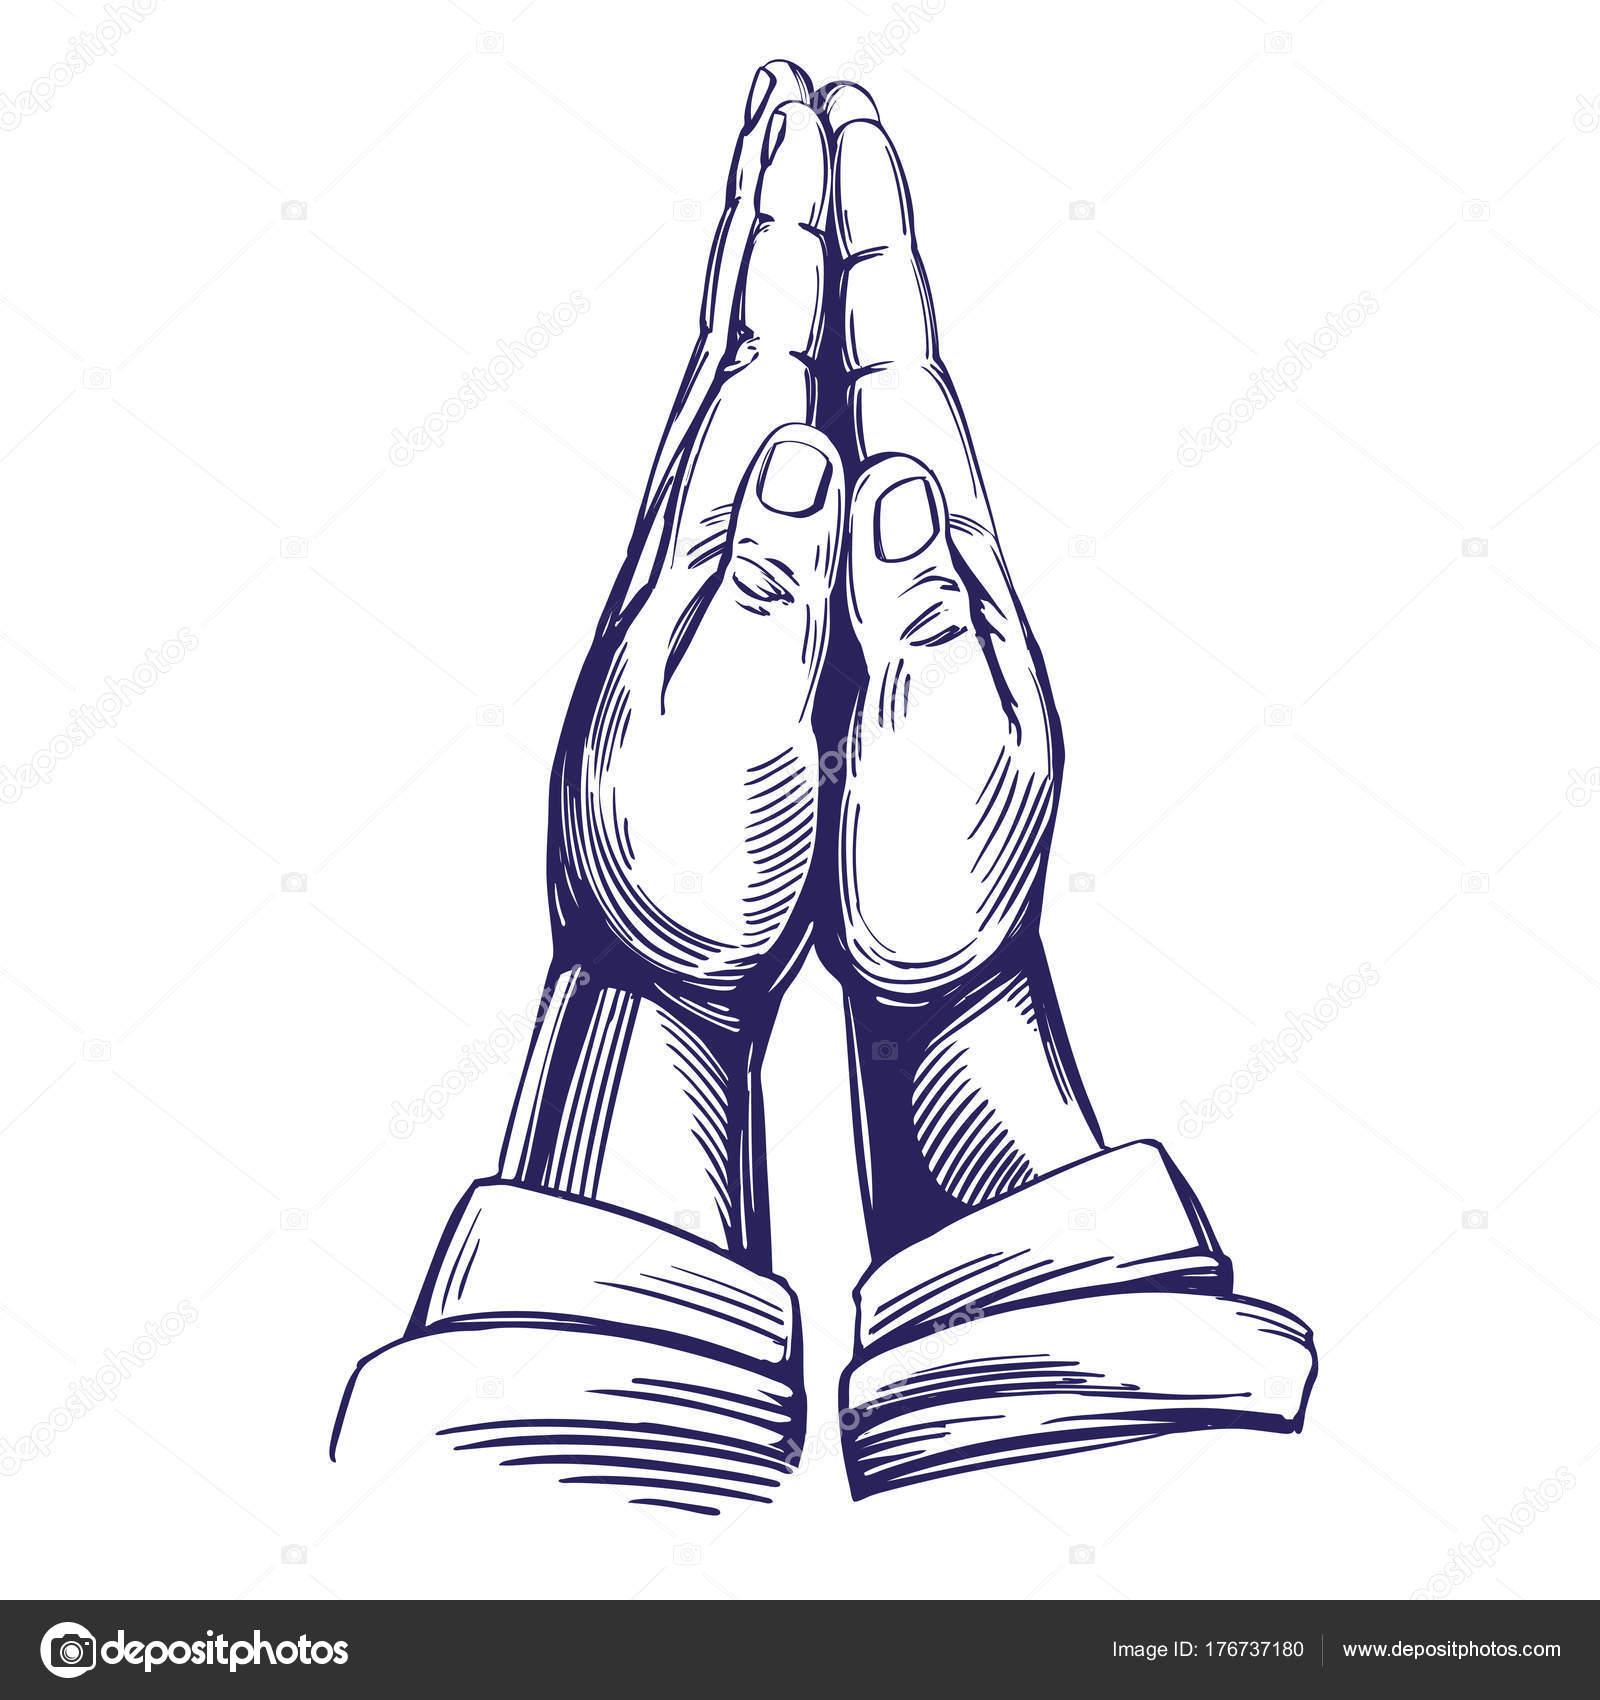 祈りの手キリスト教の手描きの背景イラスト スケッチのシンボル